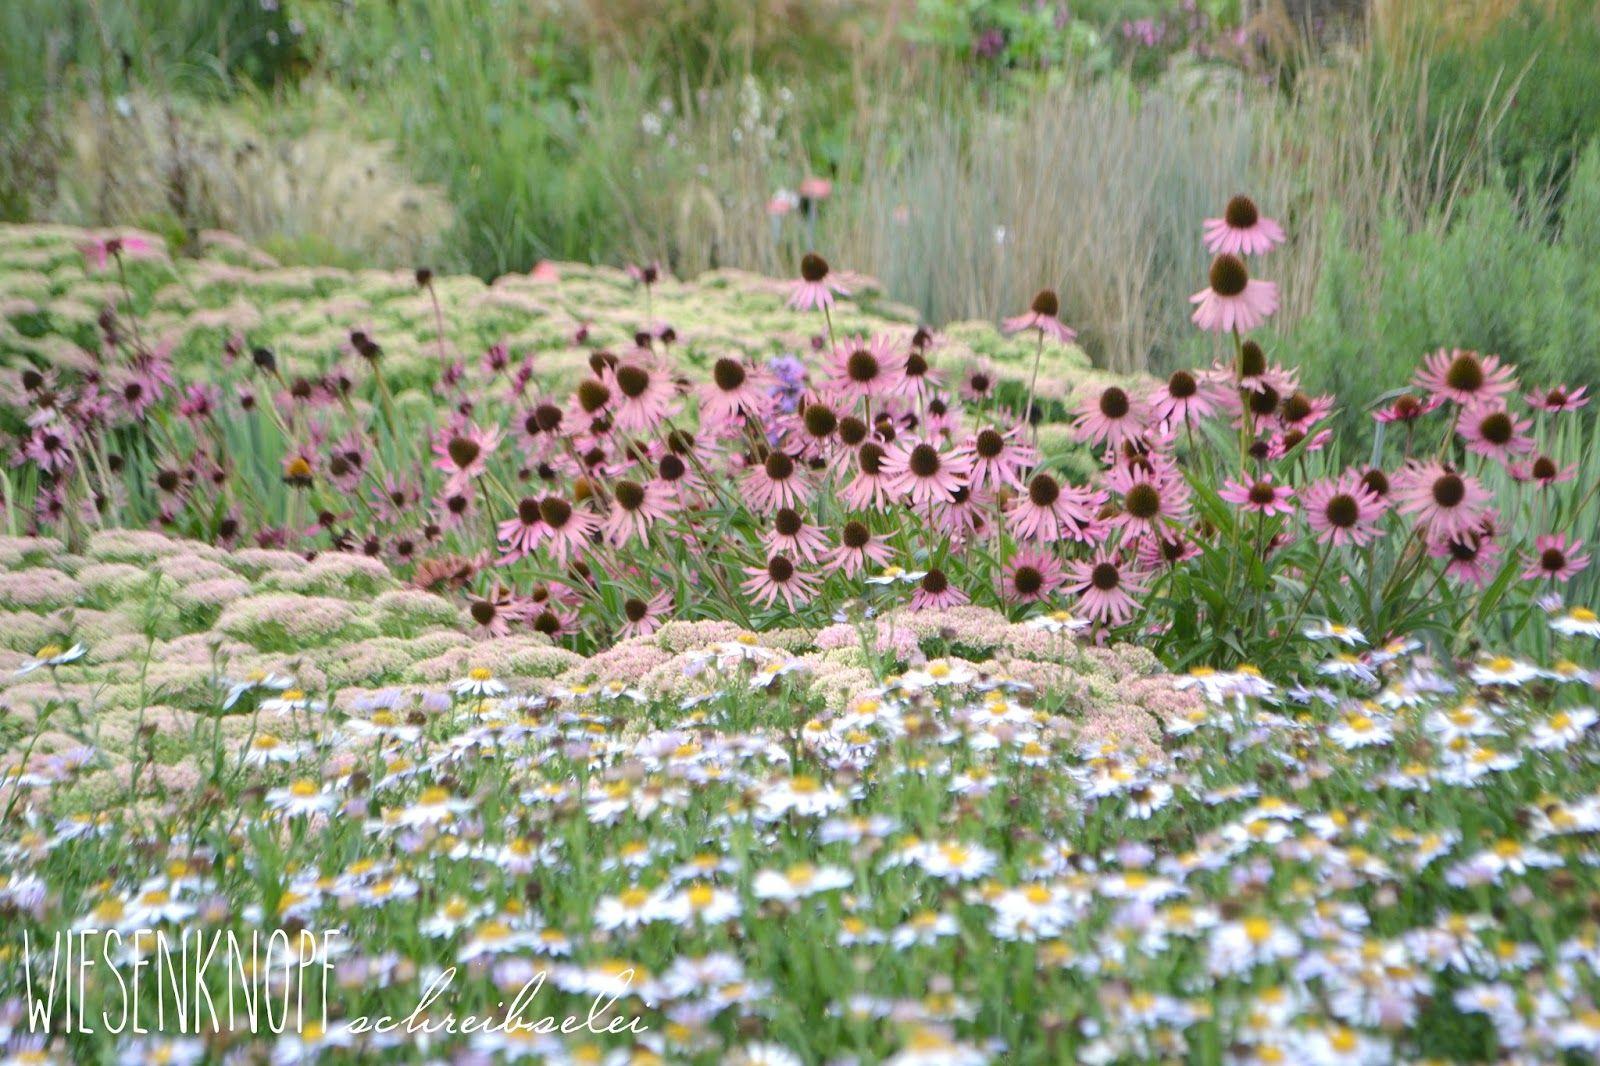 Staudengärtnerei Illertissen wiesenknopfschreibselei impressionen aus illertissen plant